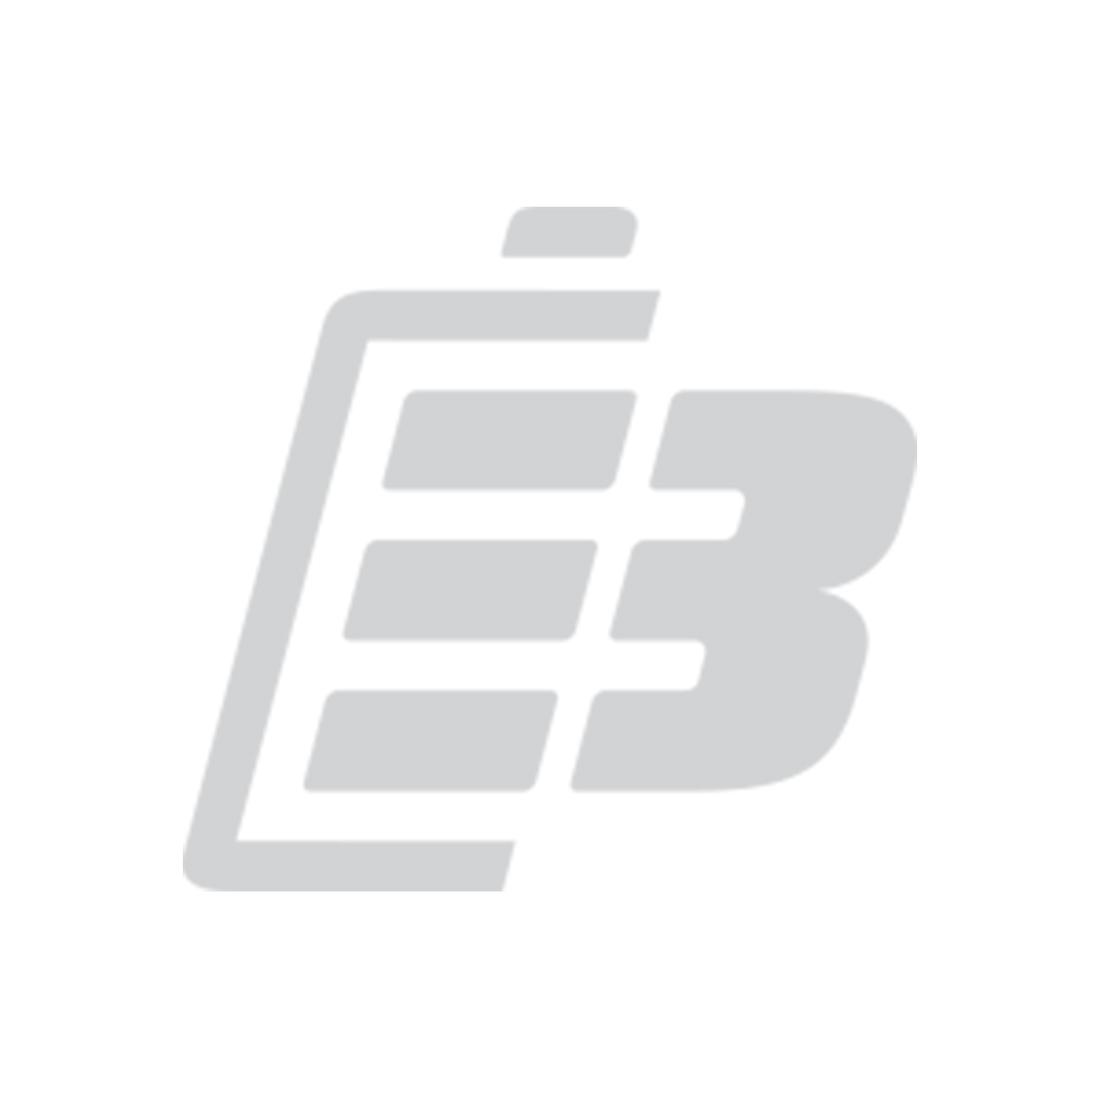 Μπαταρία ασύρματου router Huawei E587 mobile WIFI 4G_1